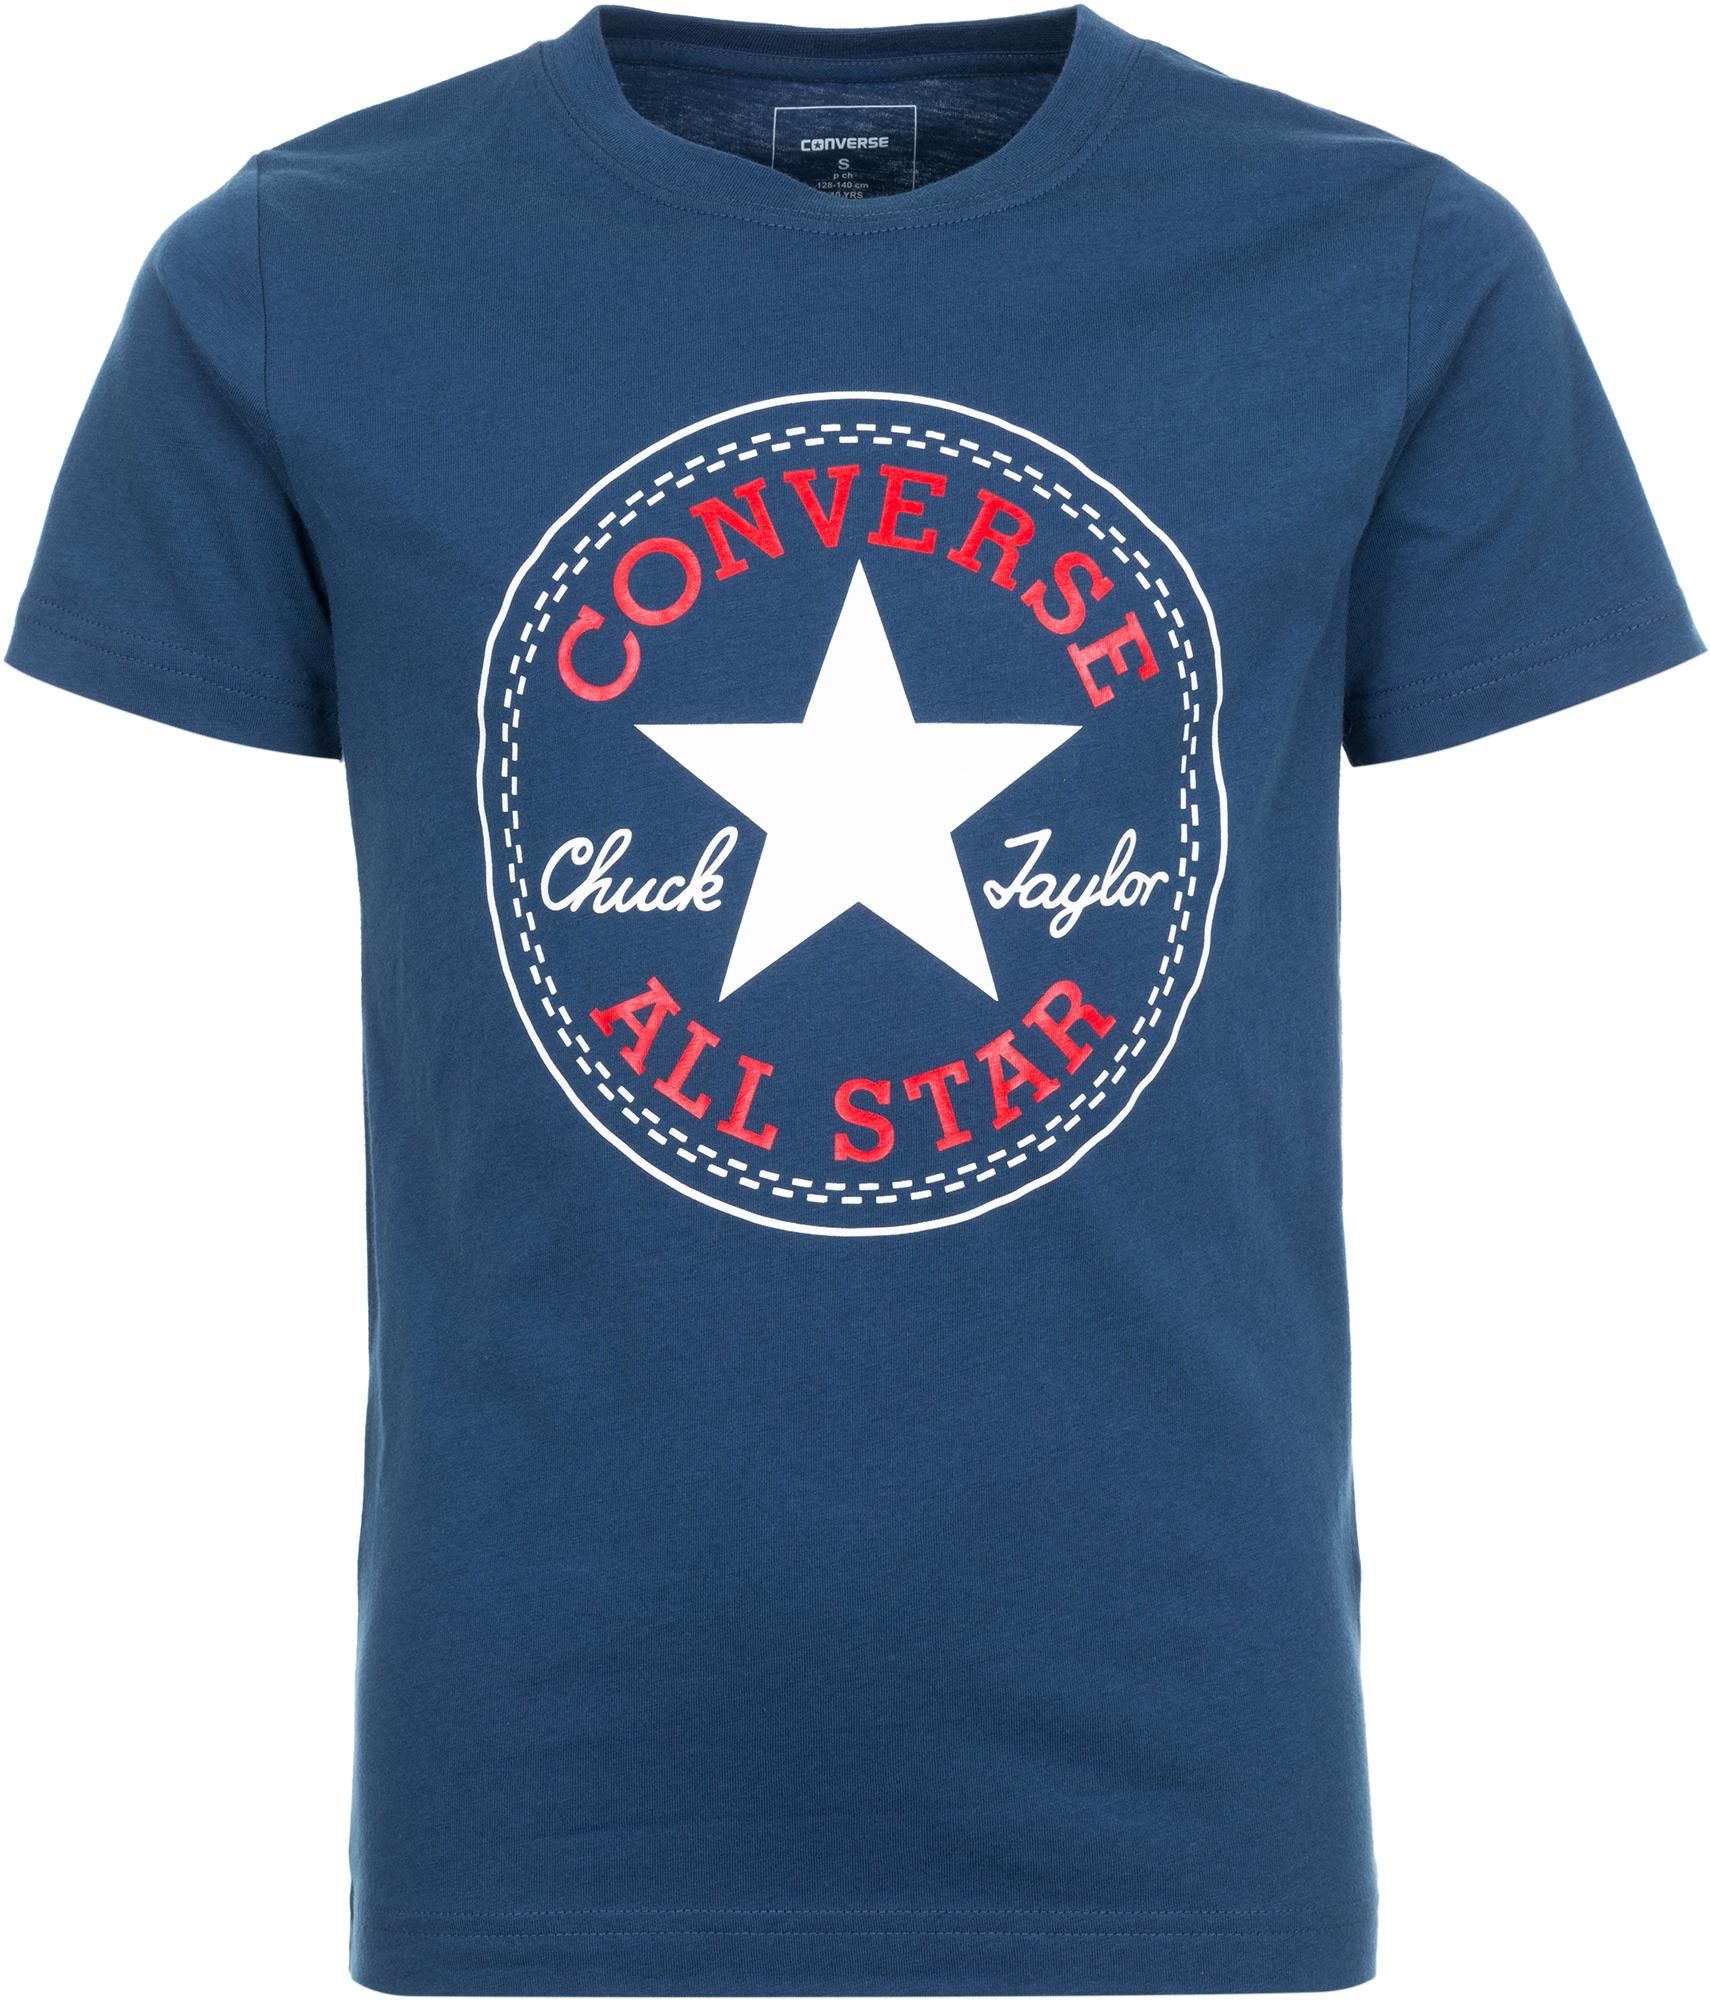 где купить Converse Футболка для мальчиков Converse дешево